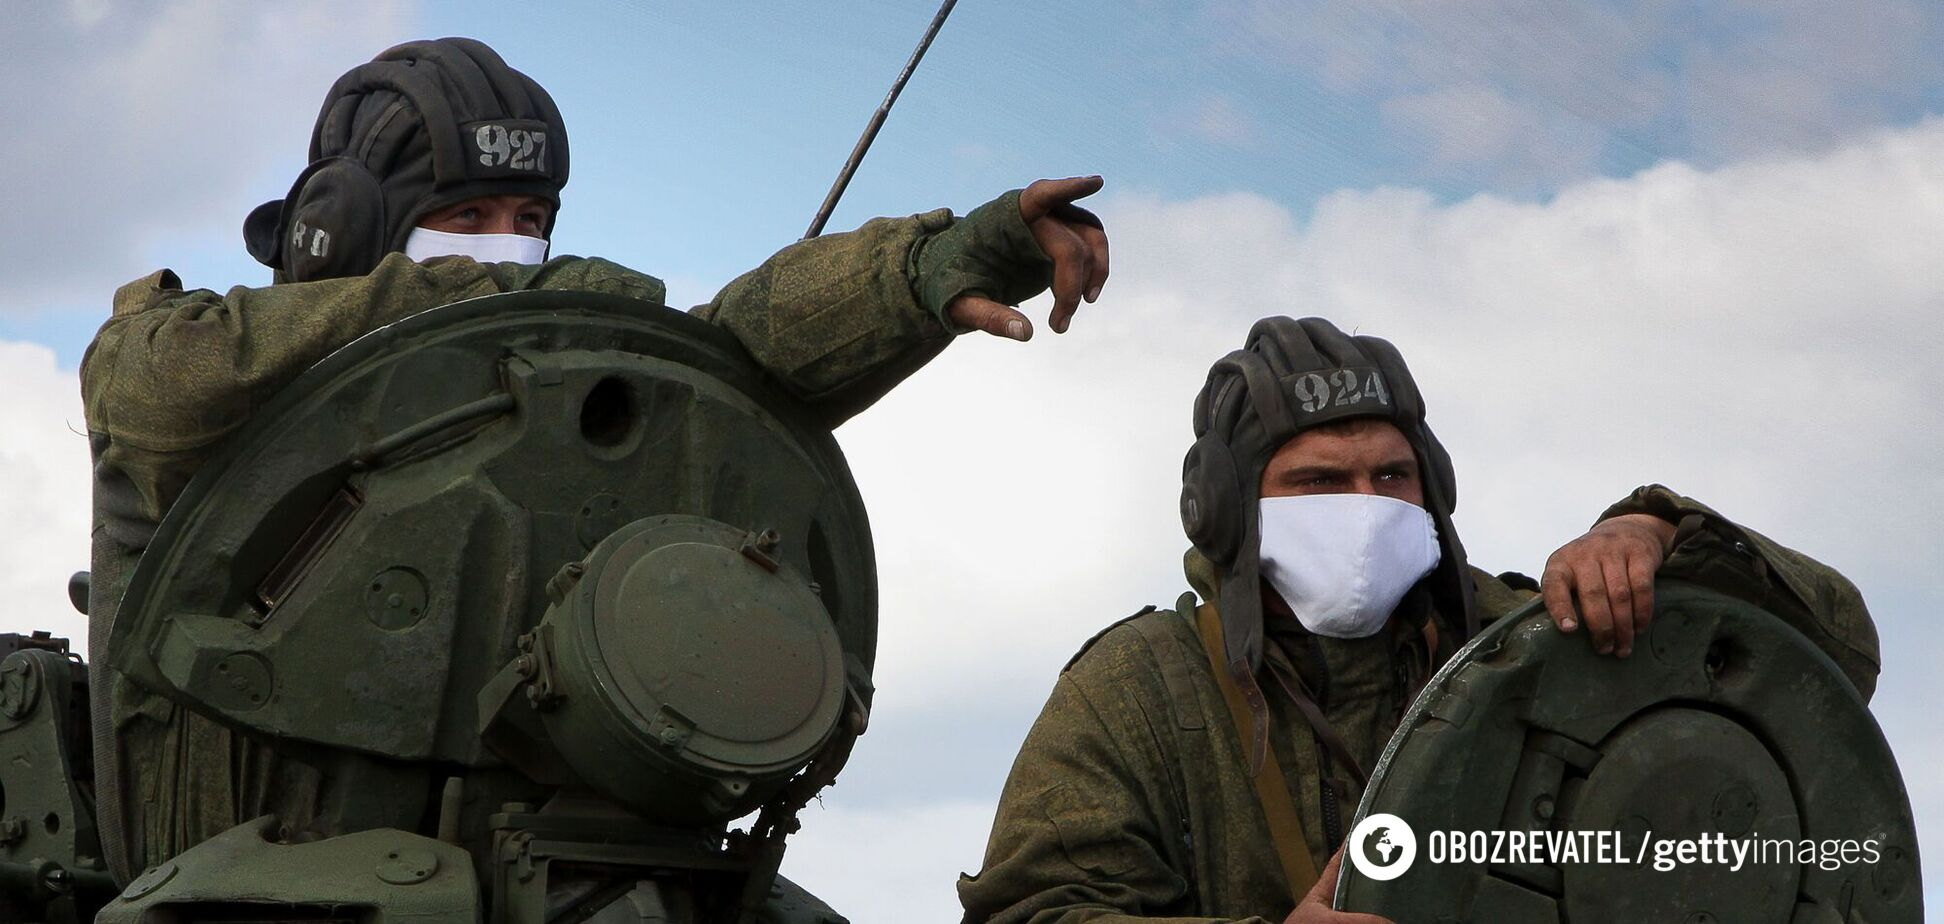 Террористы 'Л/ДНР' атаковали позиции ВСУ из гранатомета – штаб ООС